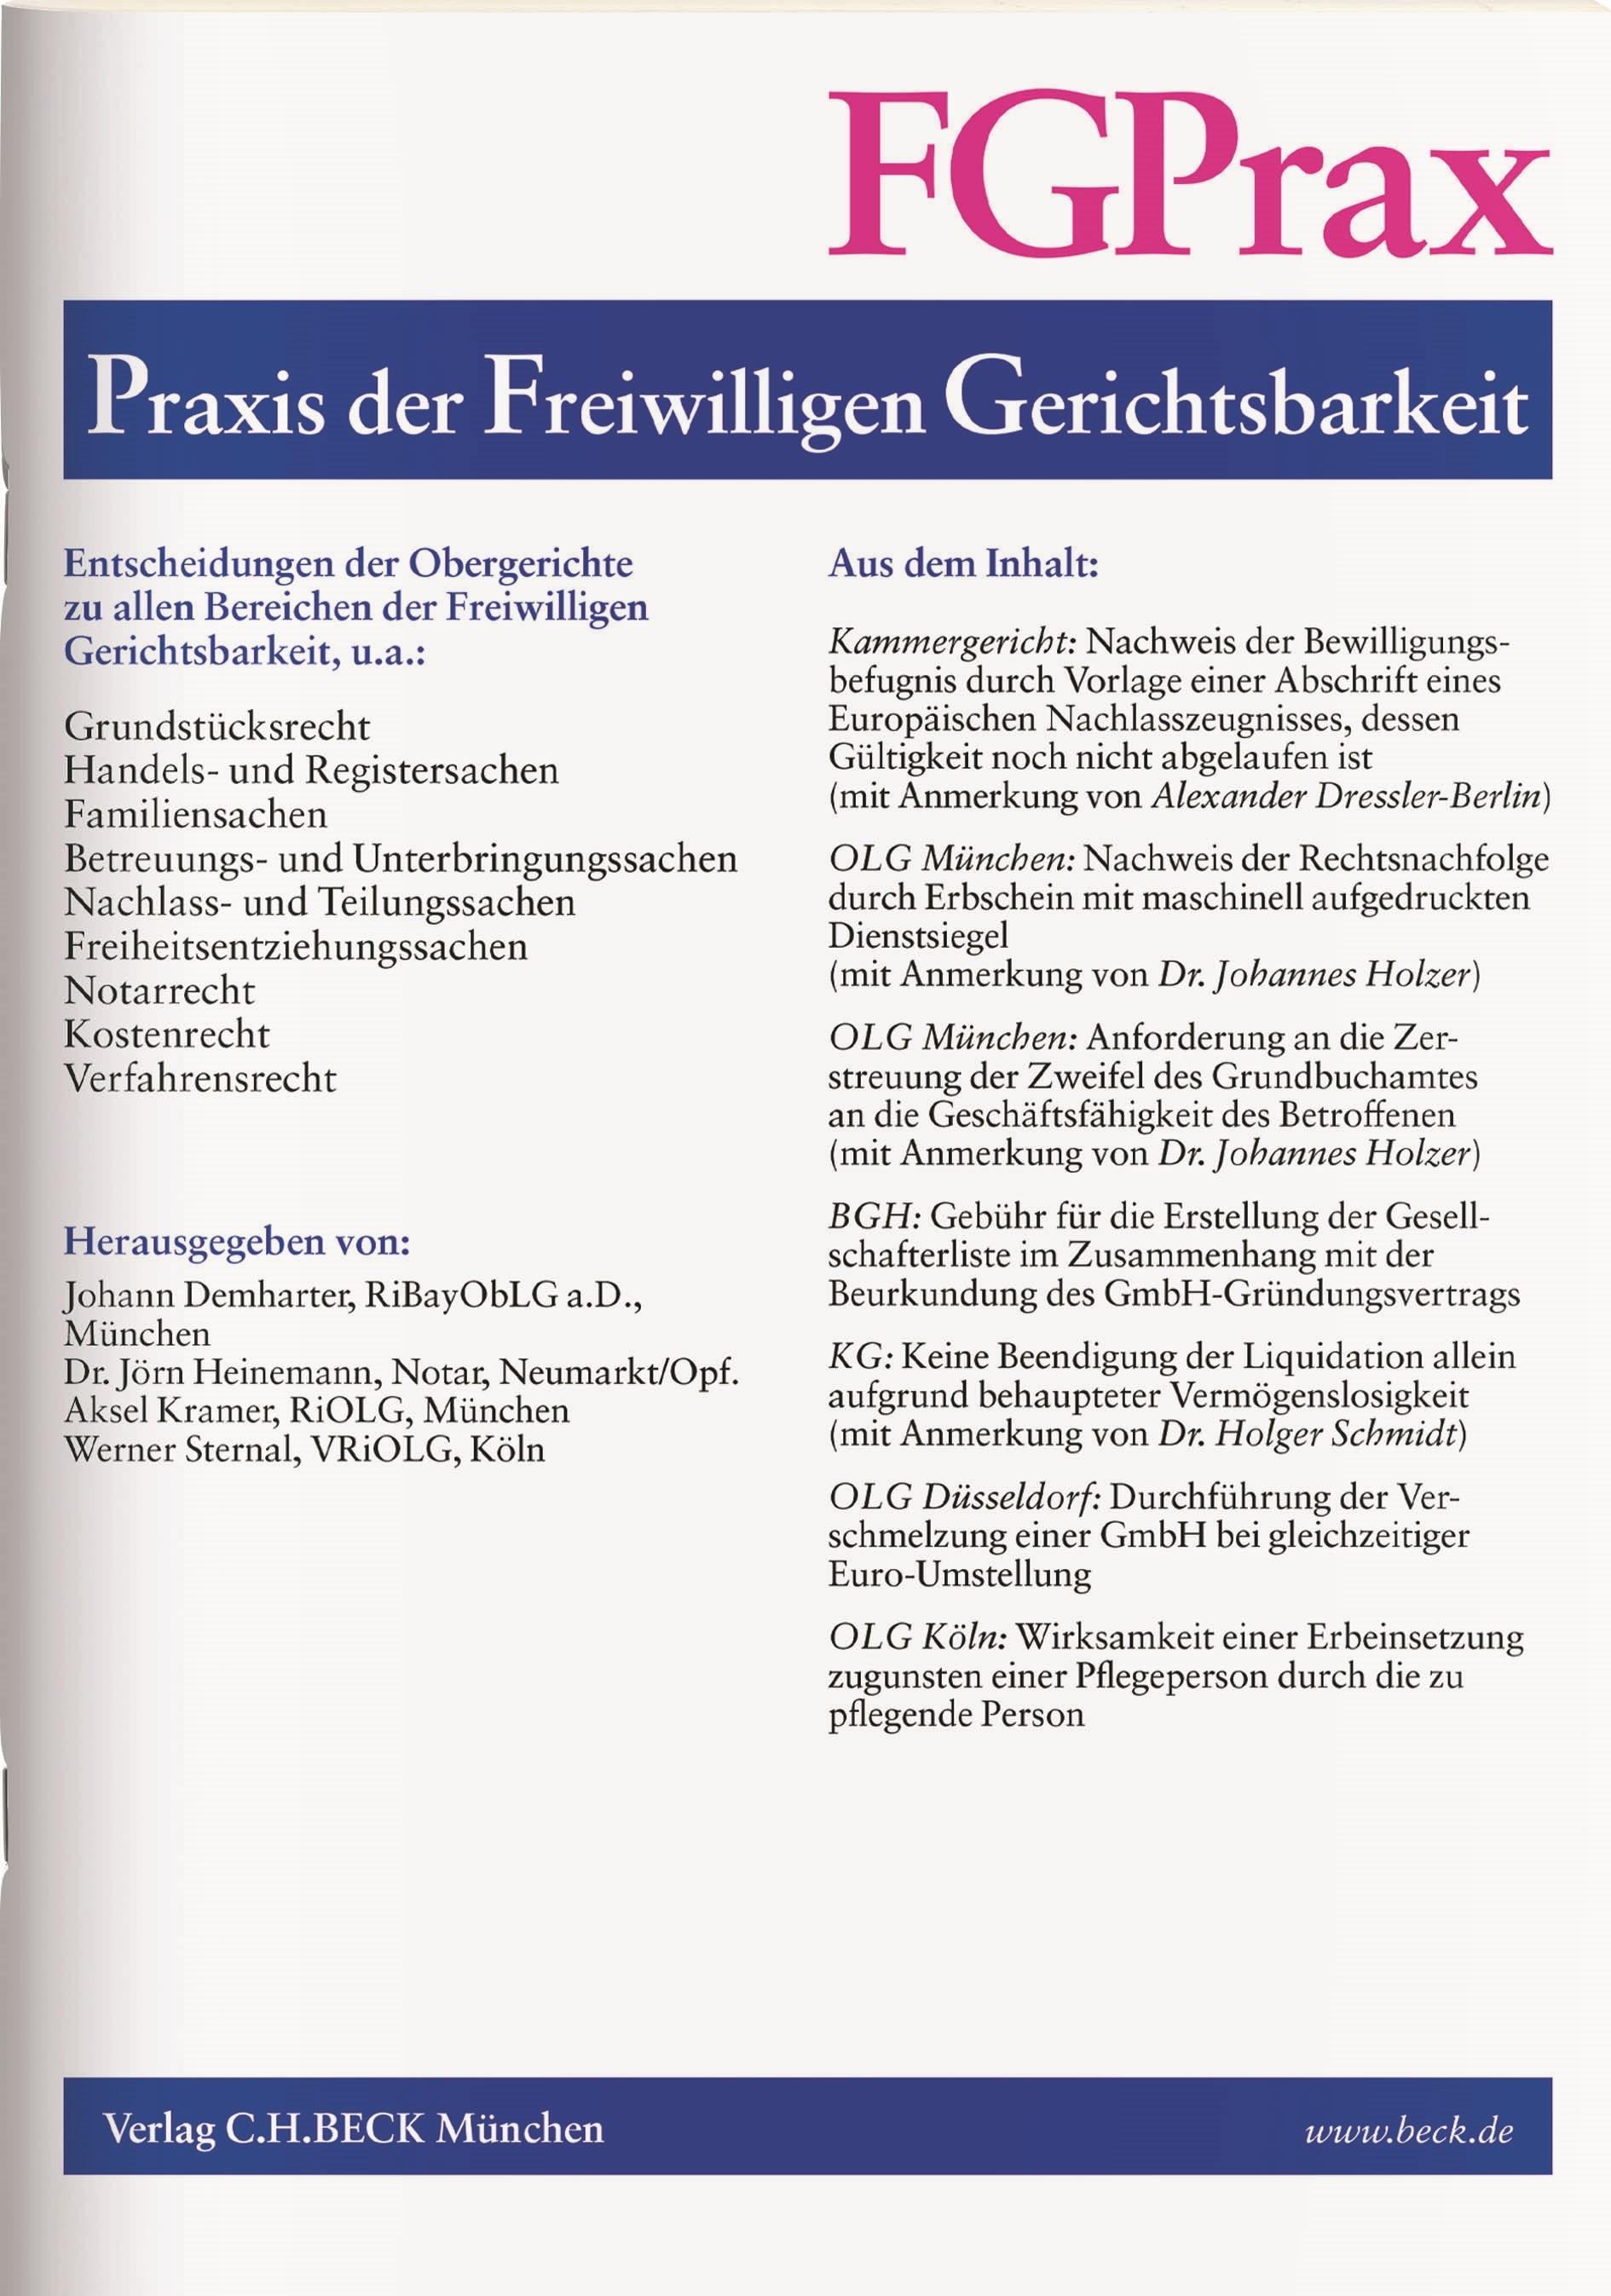 FGPrax • Praxis der Freiwilligen Gerichtsbarkeit | 25. Jahrgang (Cover)